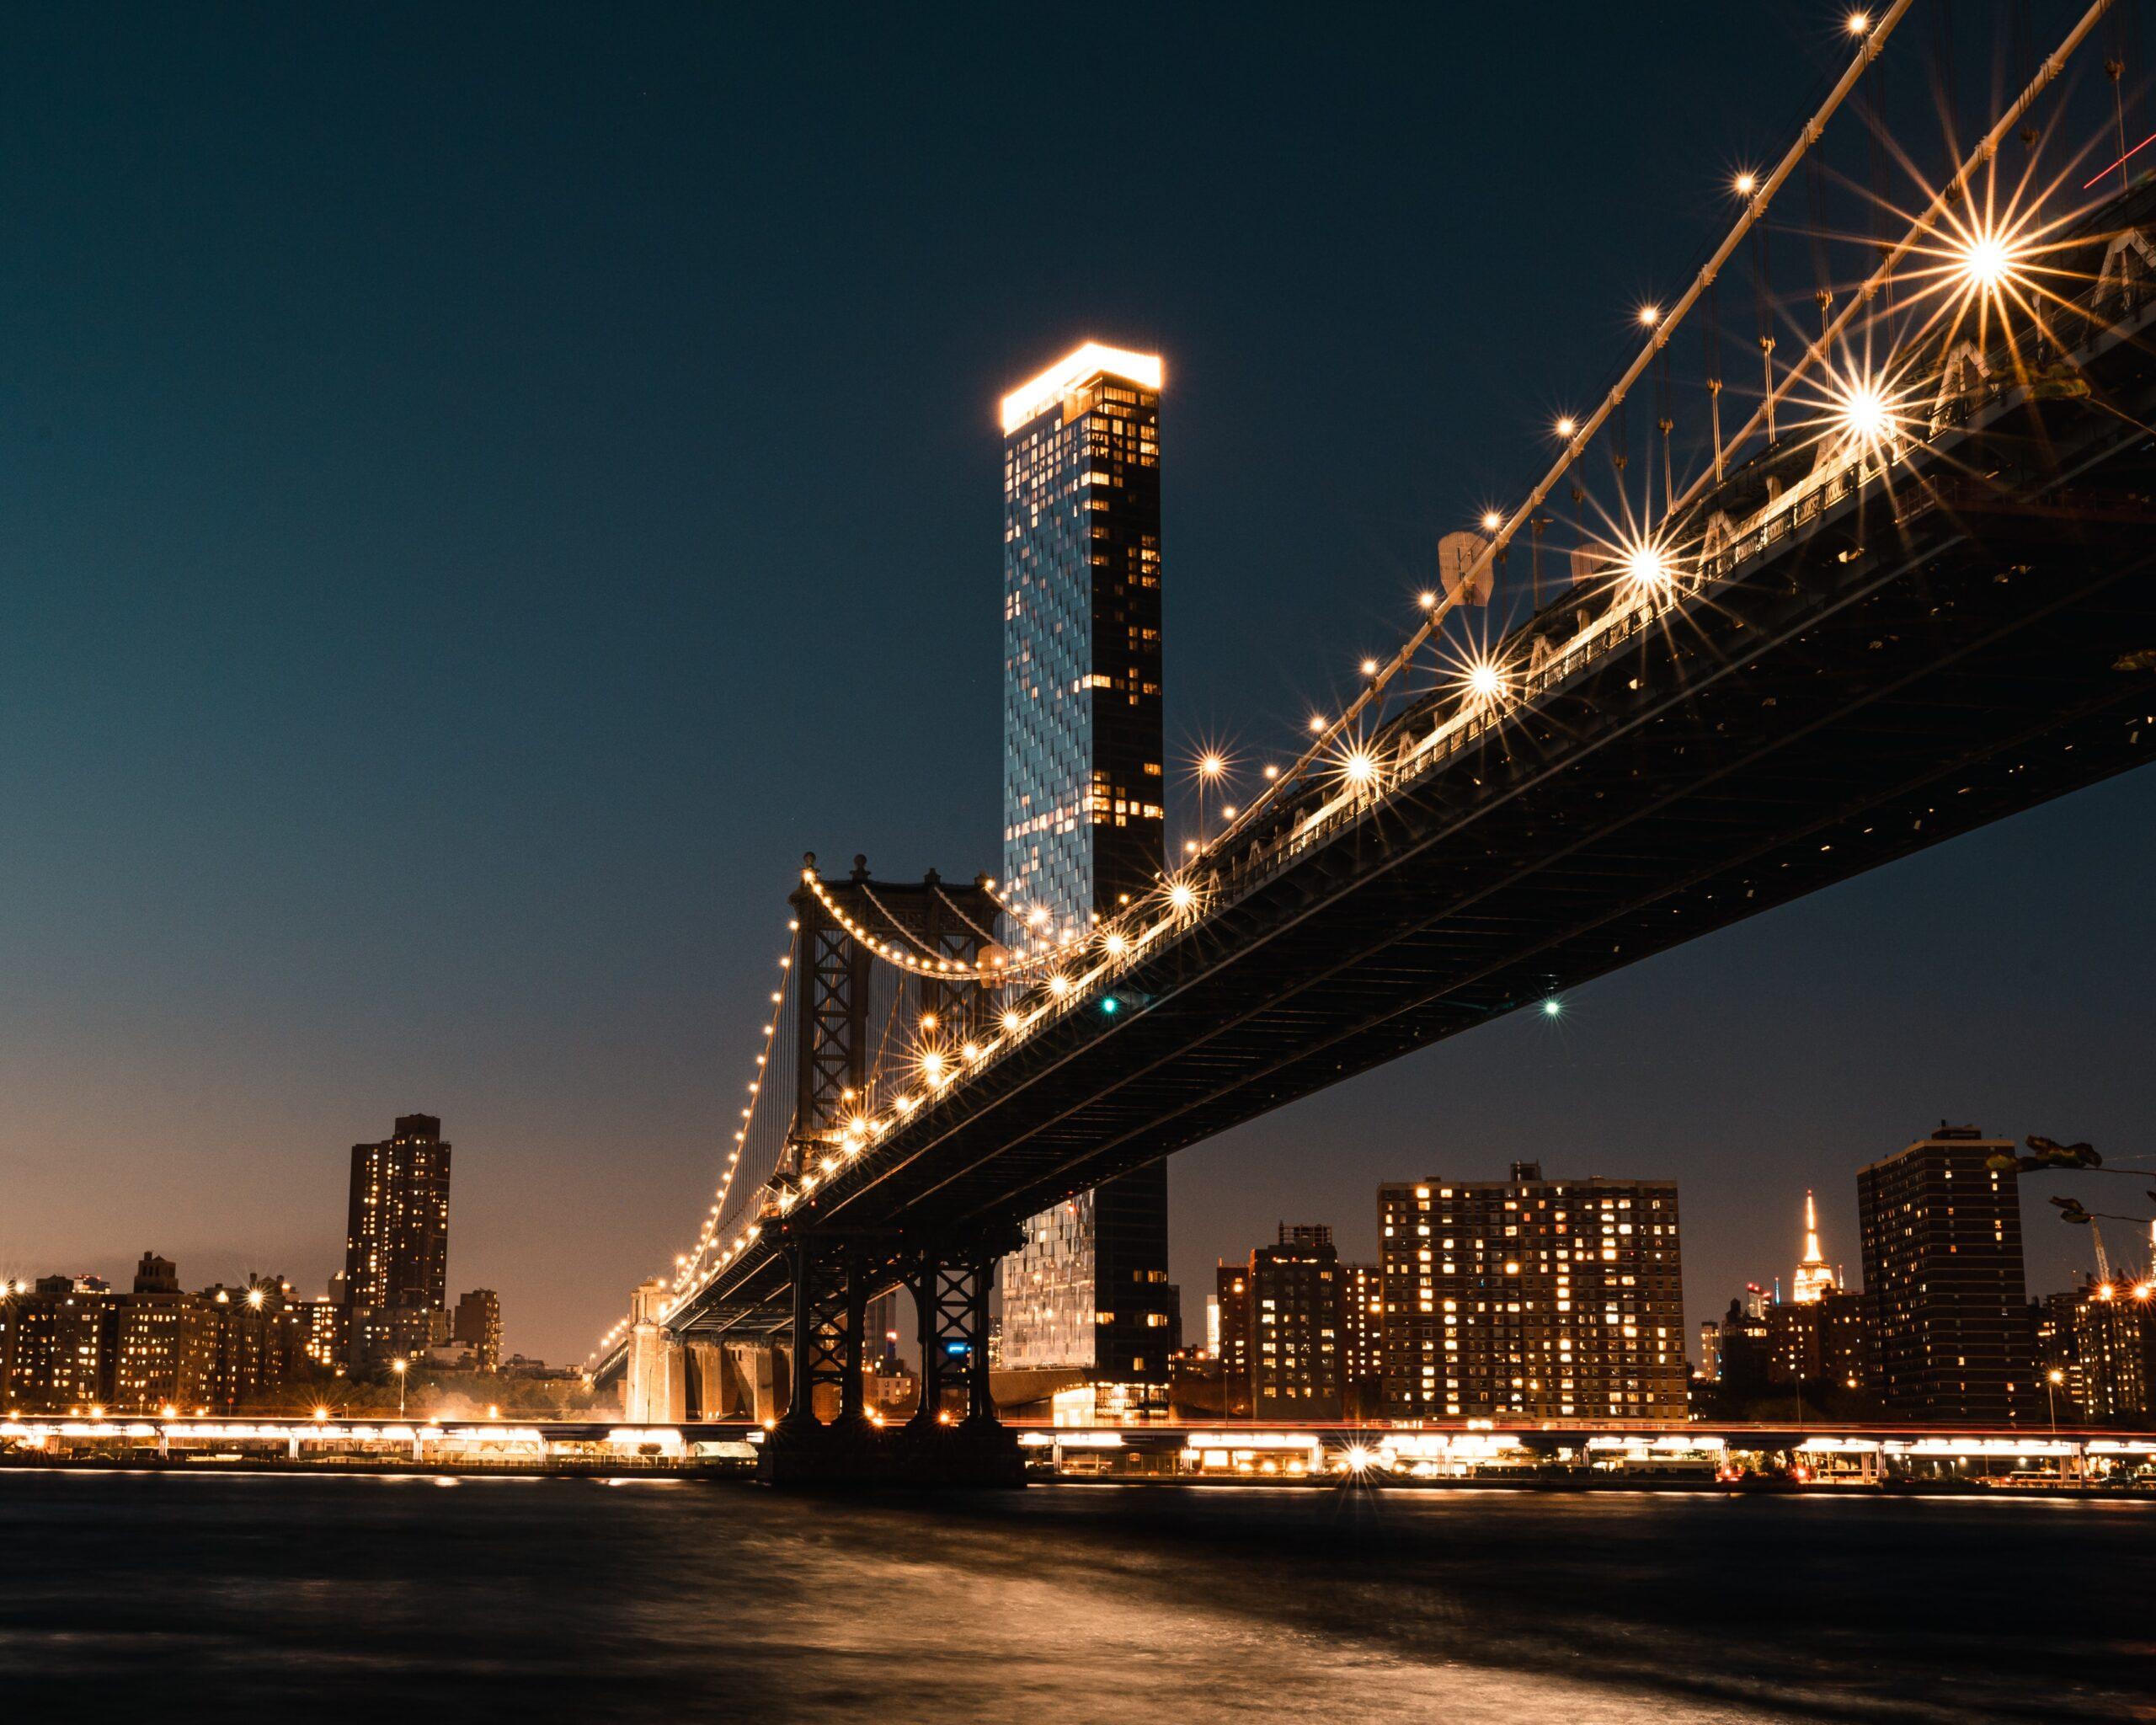 ニューヨークの観光スポット ブルックリンブリッジを歩いて渡る ...